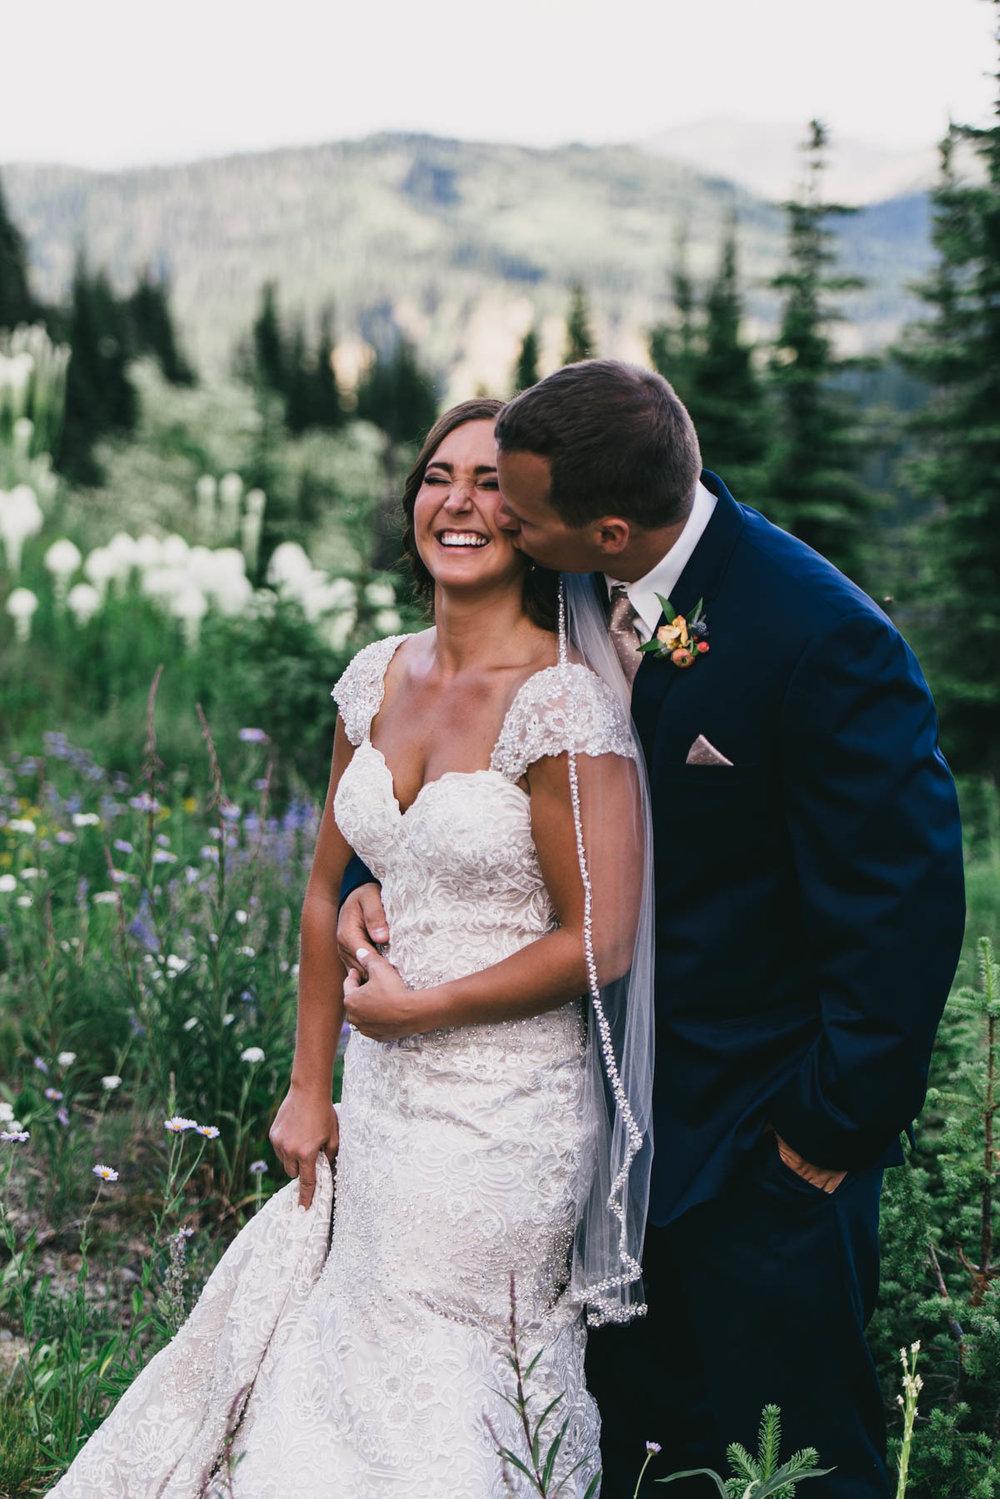 Jennifer_Mooney_Photo_Logan_Kelsey_Whitefish_Mountain_Resort-49.jpg